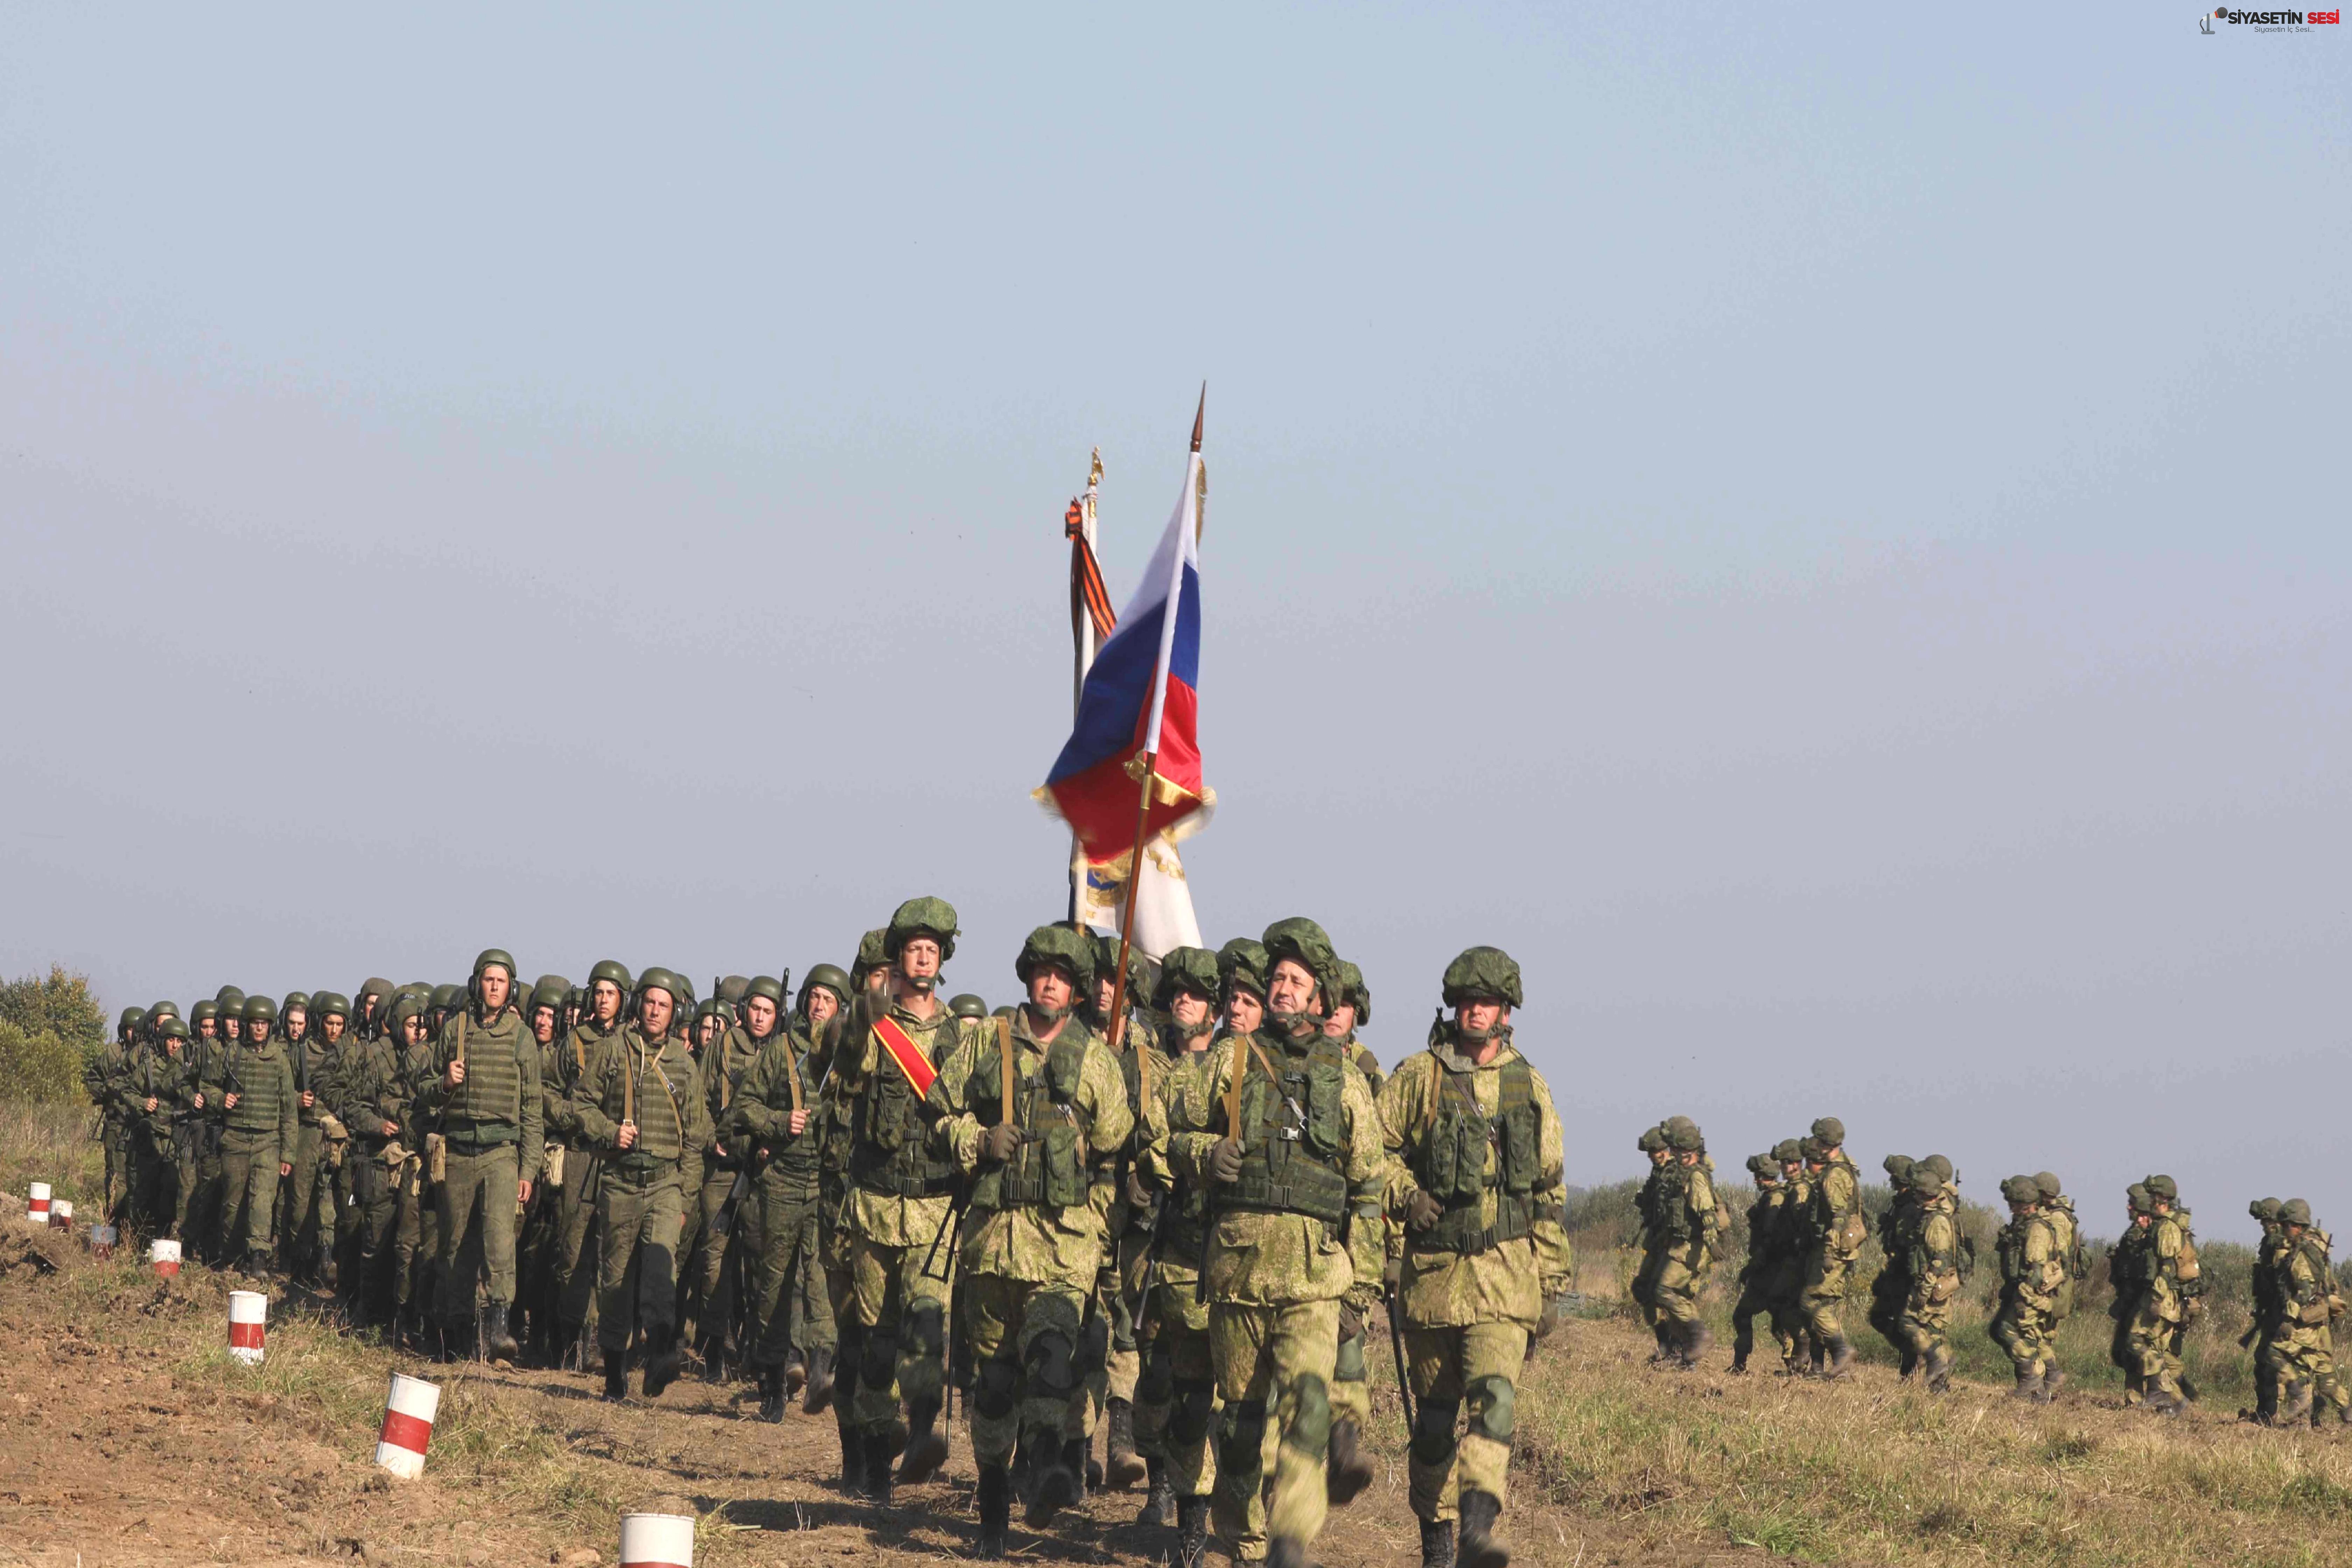 Rusya ve belarus'tan, nato ile gerginliğin gölgesinde zapad tatbikatı